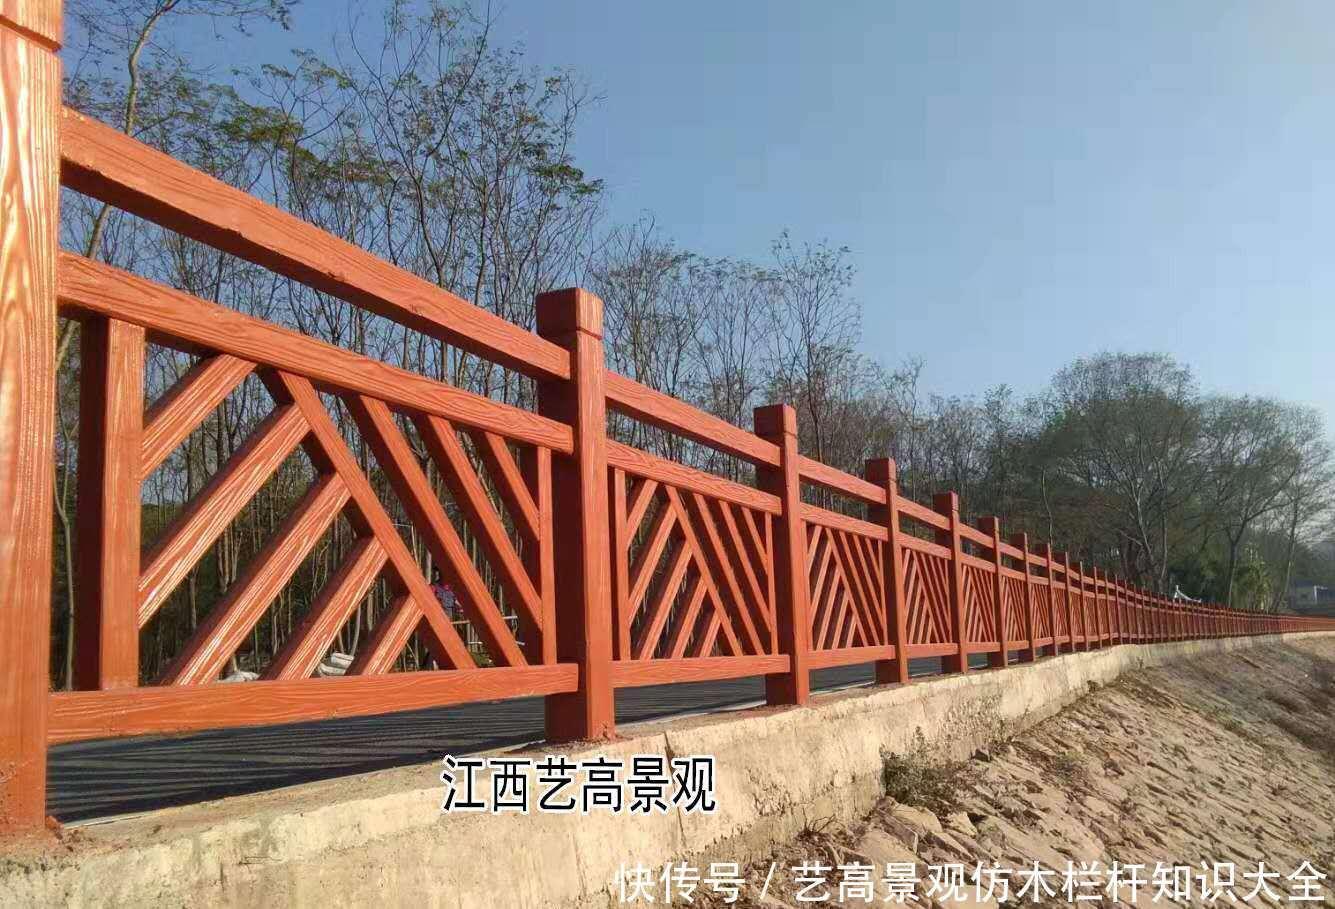 江西仿木温度,赣州仿木厂家规格v温度护栏,仿木银栏杆适合的龙鱼图片